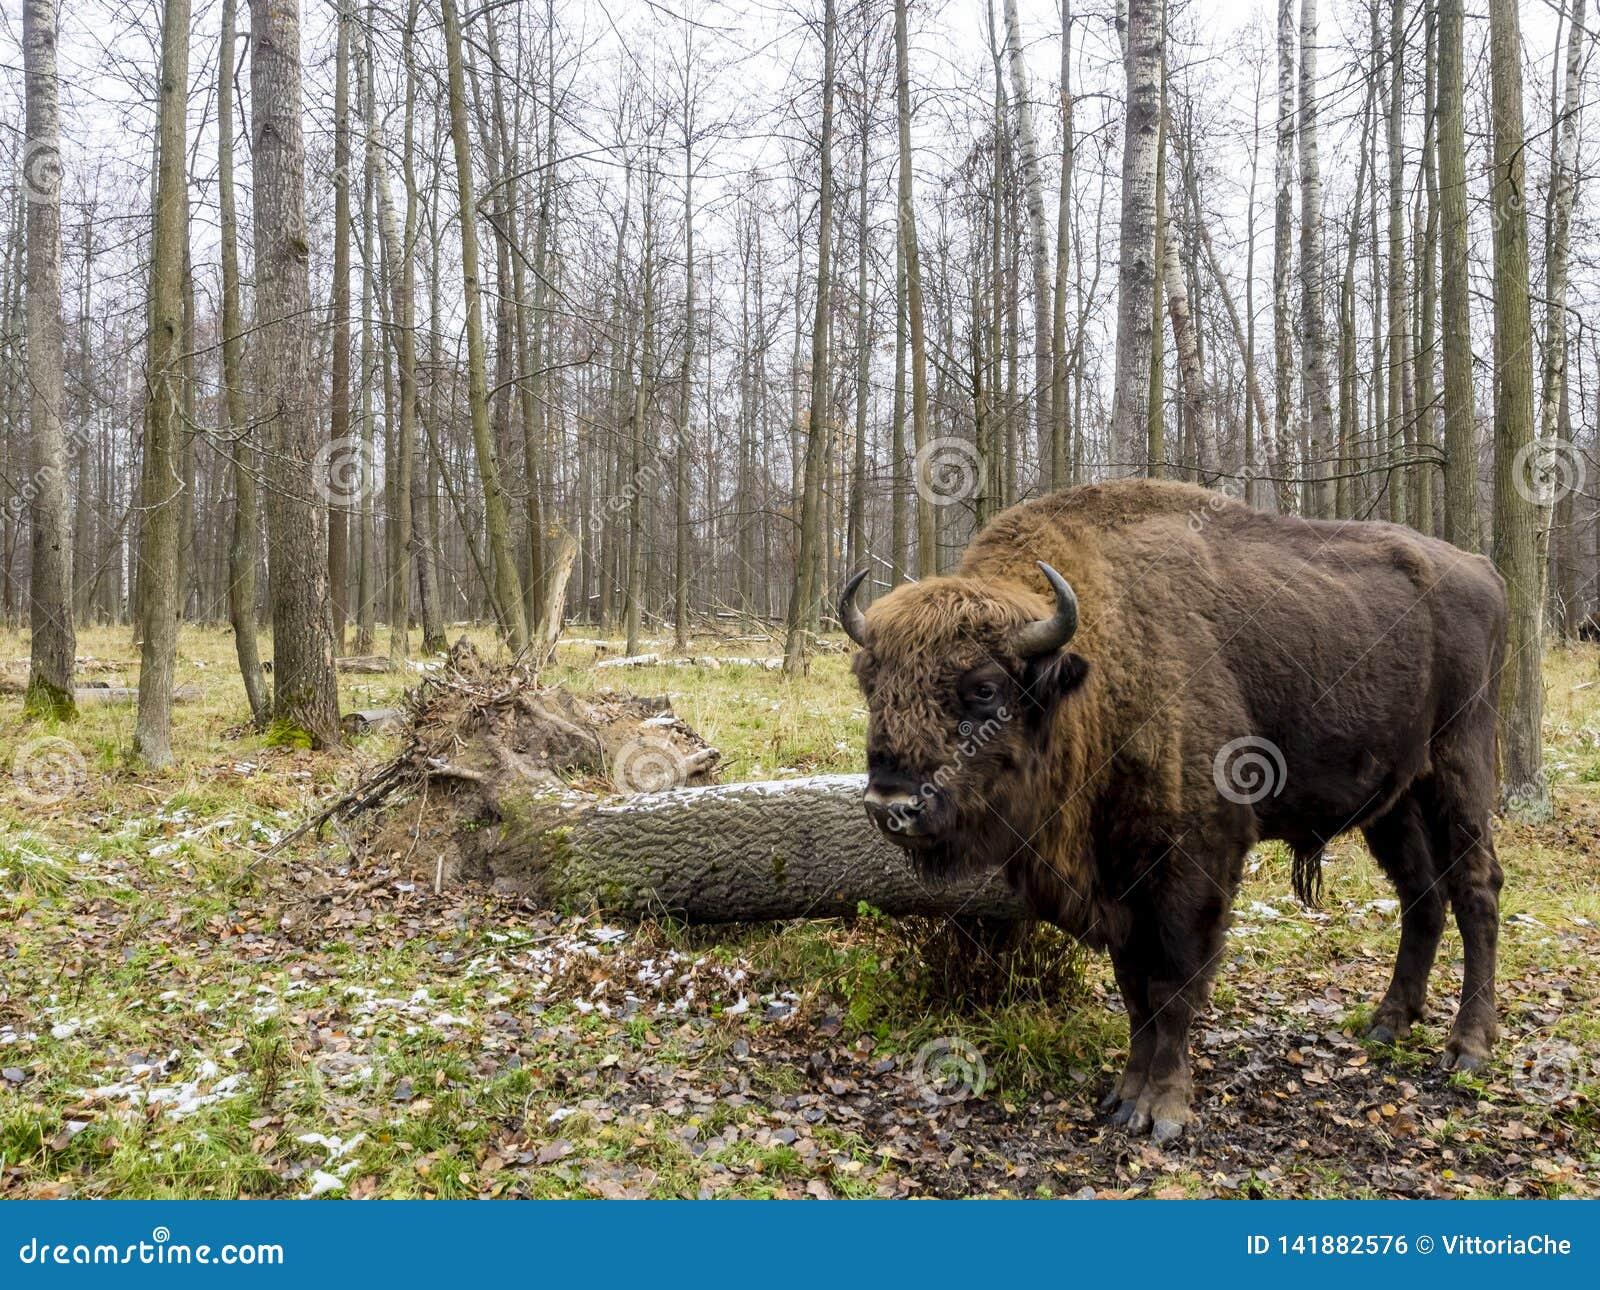 野牛、大动物在森林里欧洲北美野牛北美野牛bonasus,亦称欧洲野牛或者欧洲木北美野牛,俄罗斯